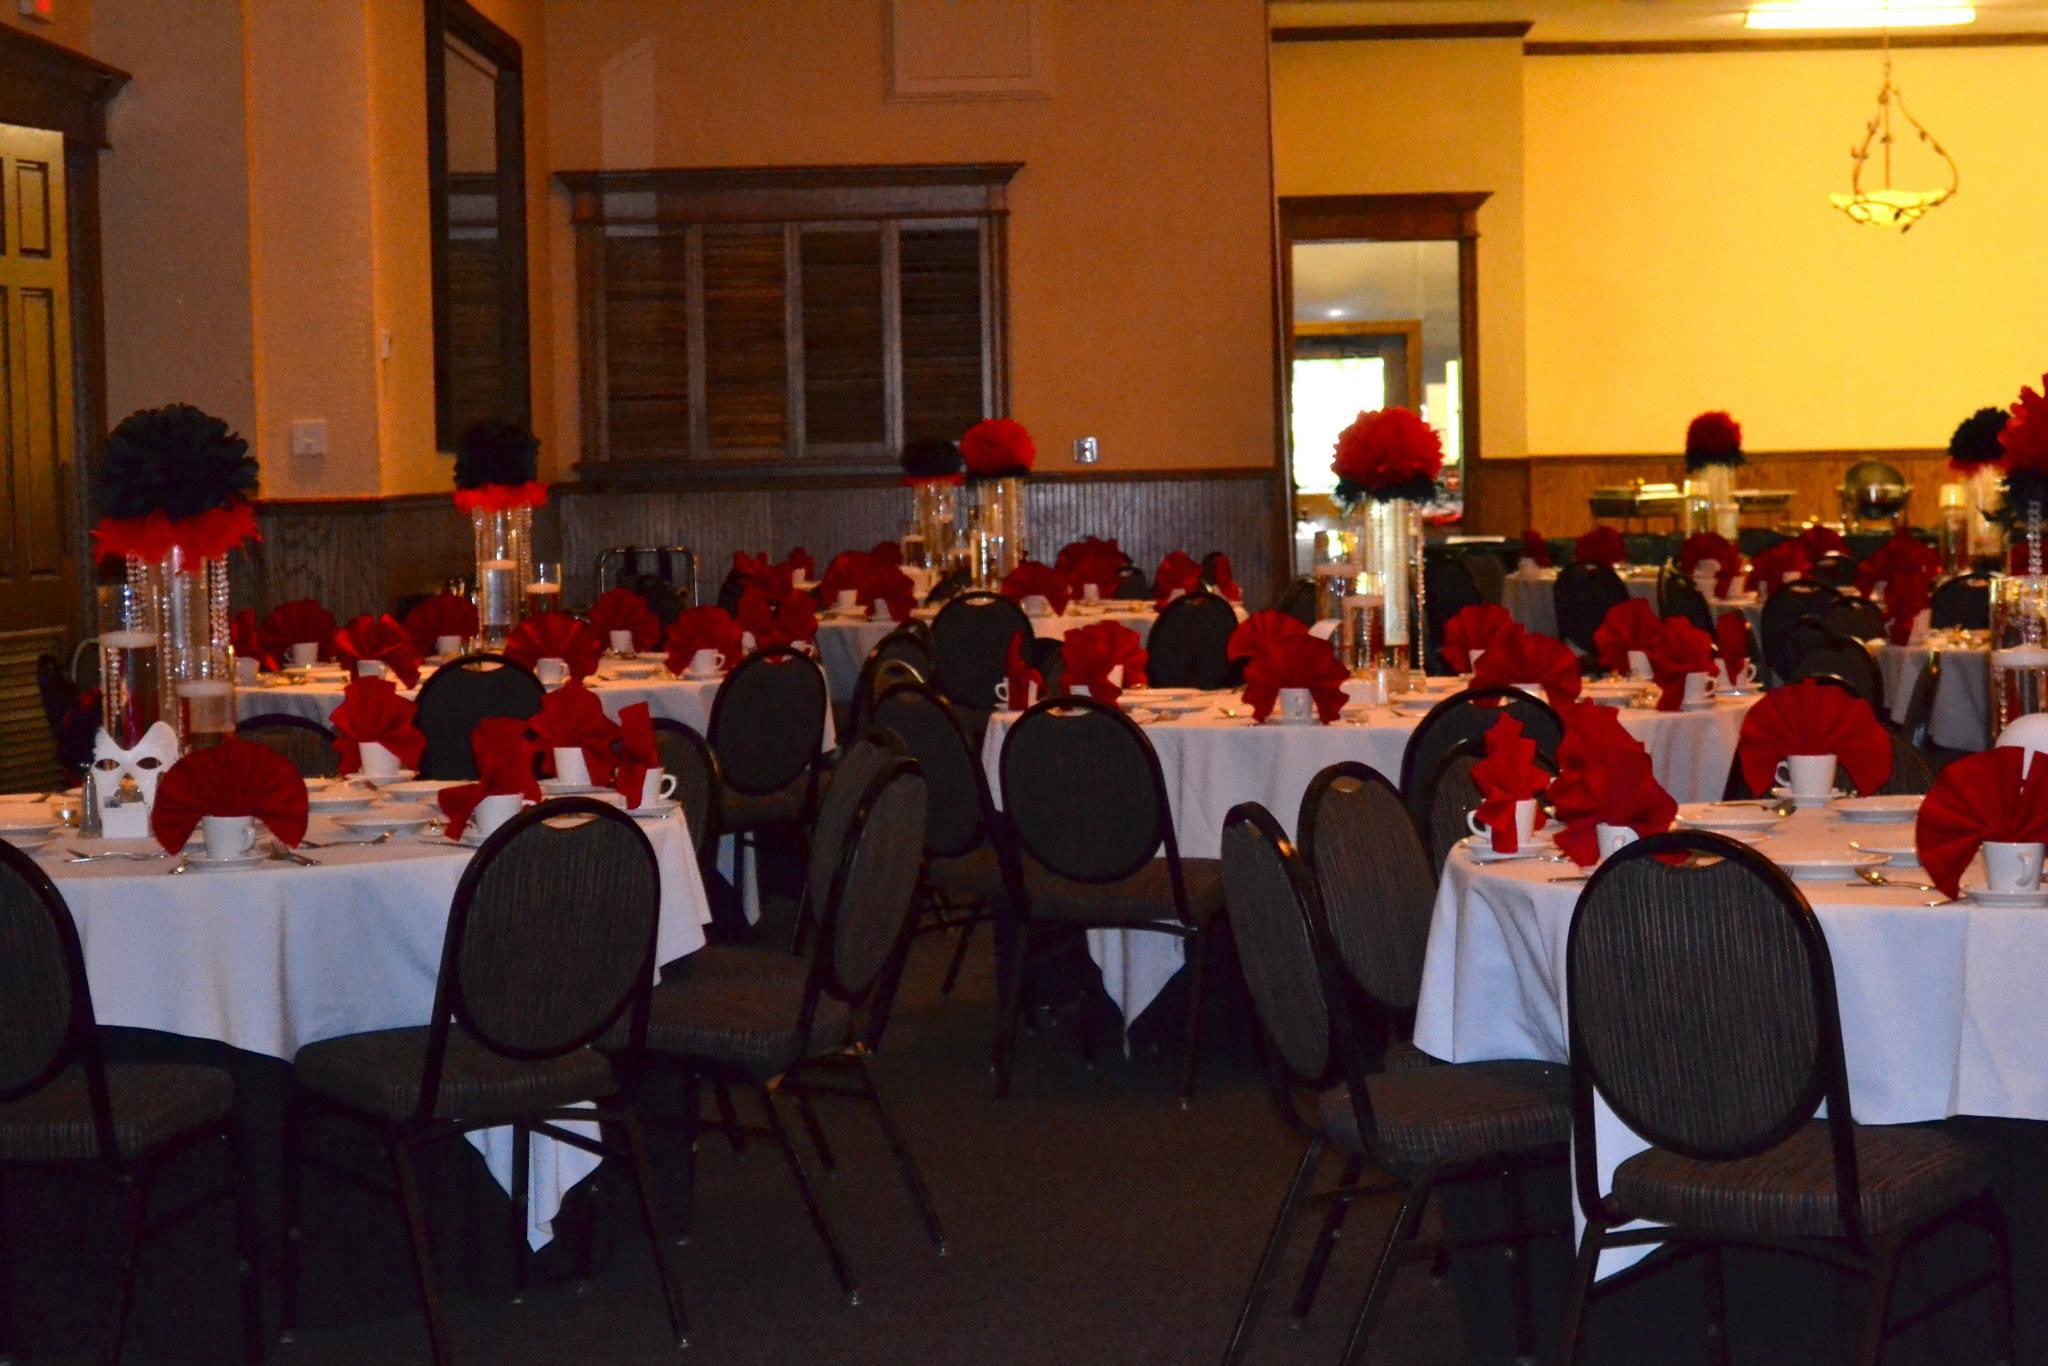 Banquets & Events